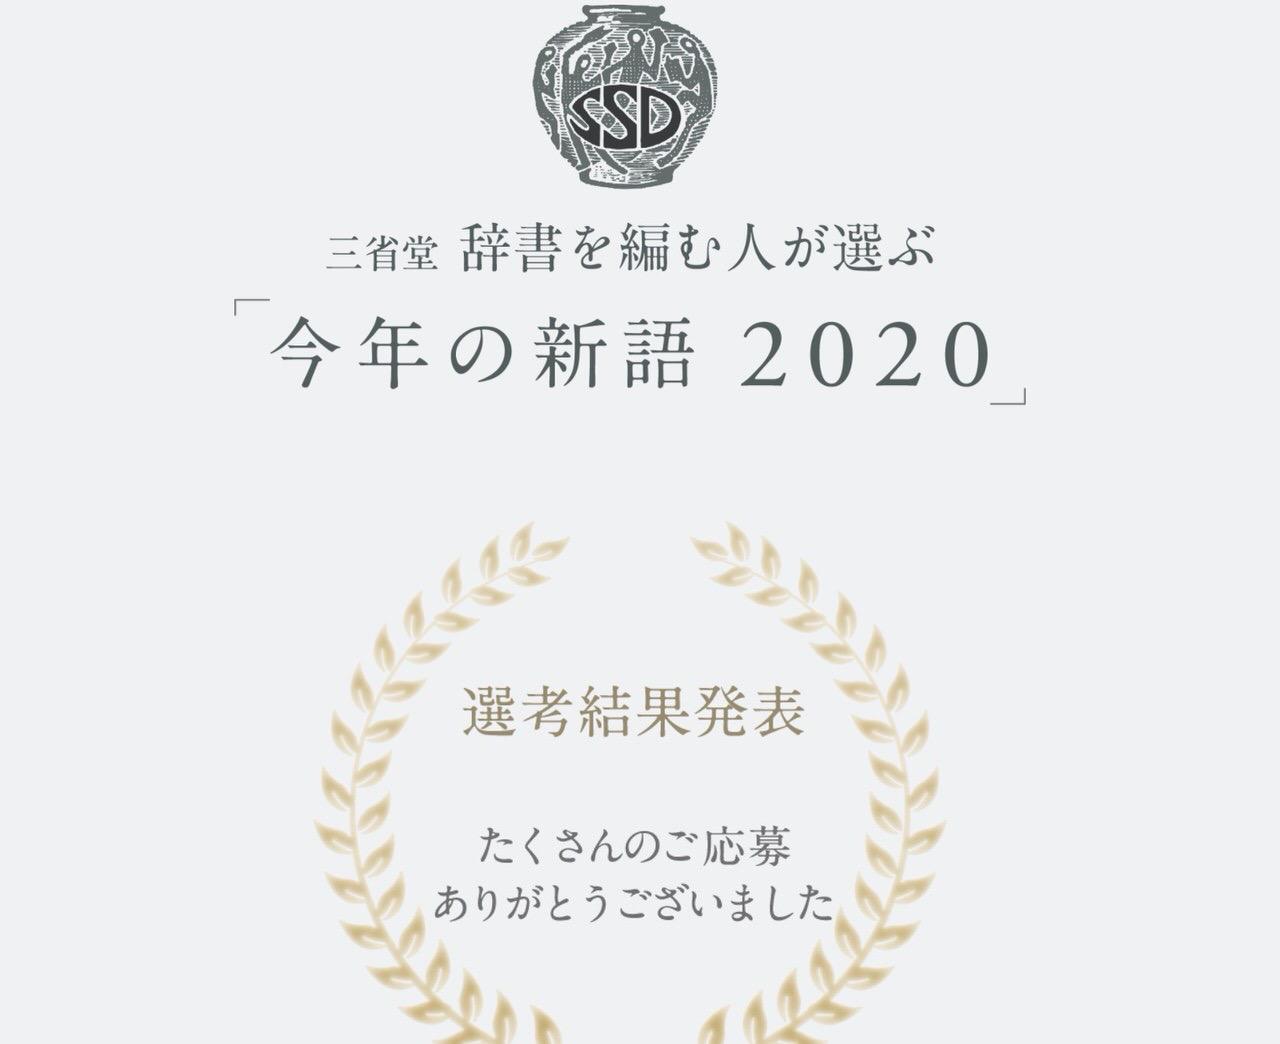 三省堂の辞書を編む人が選ぶ「今年の新語2020」大賞は「ぴえん」〜Twitter最古のぴえんは2008年